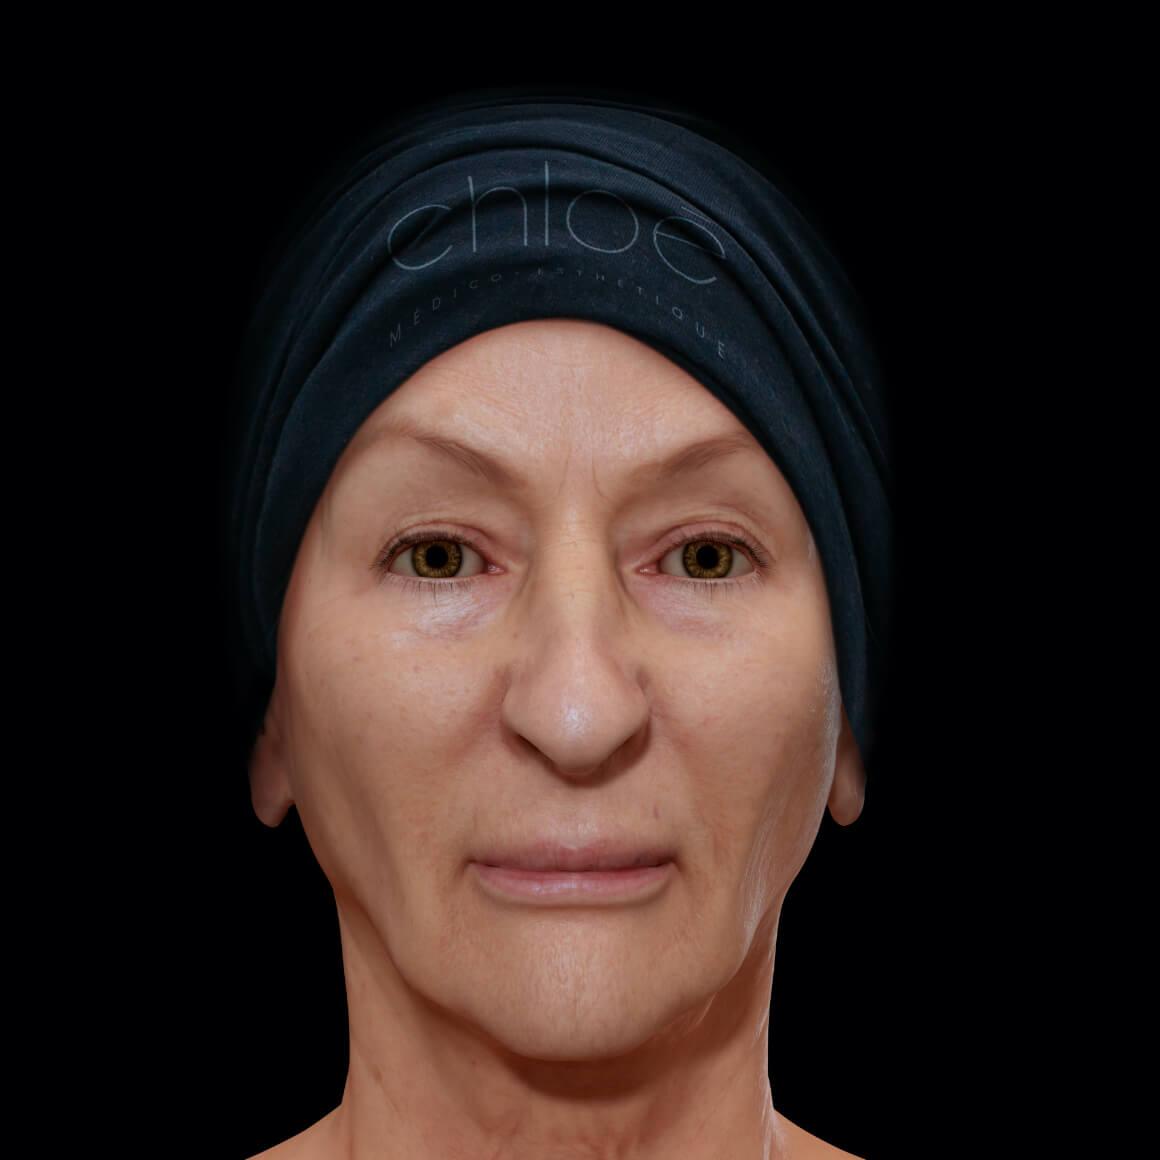 A female Clinique Chloé patient facing front after an IPL photorejuvenation treatment for rosacea